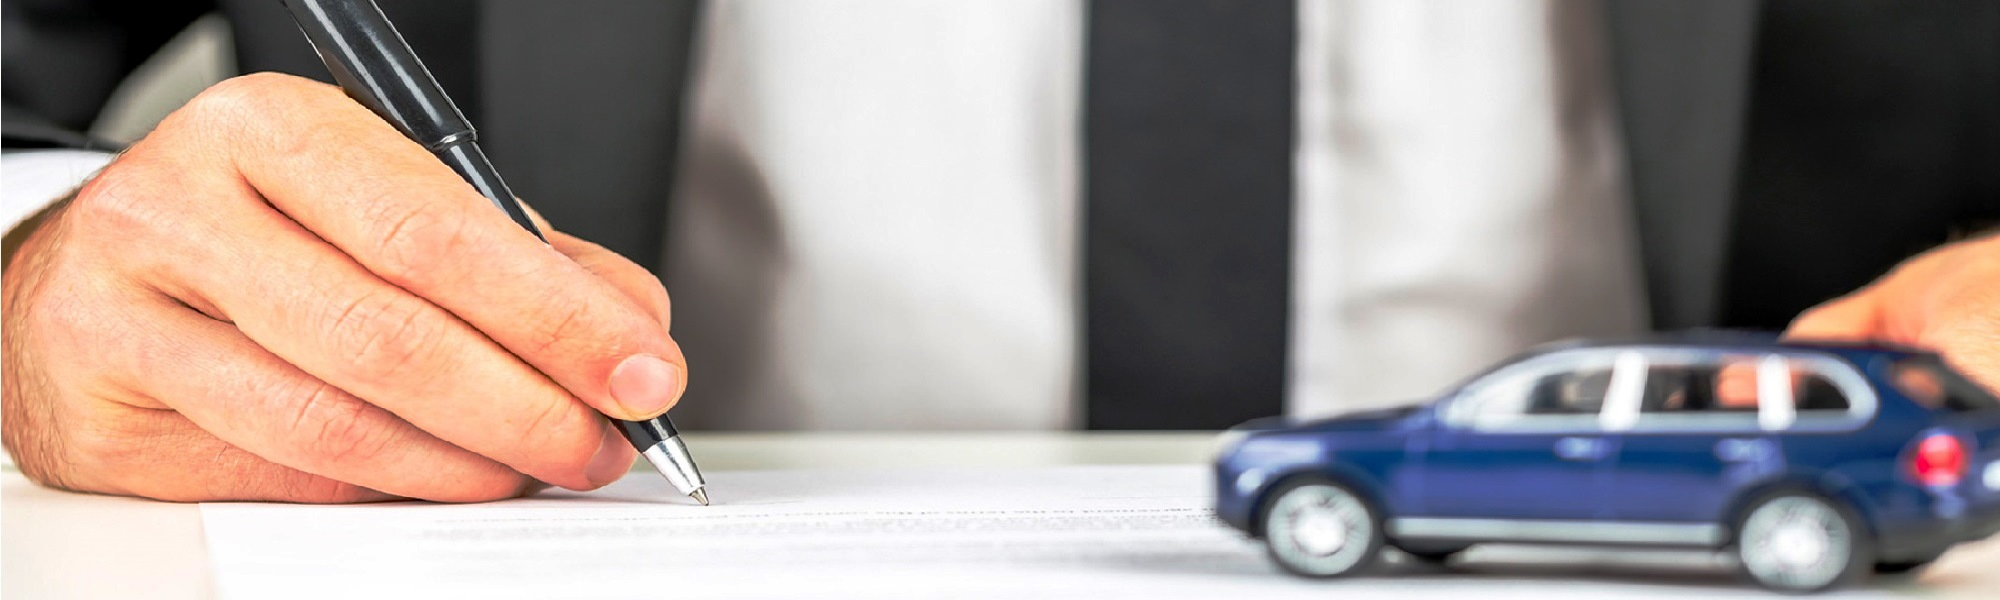 Лизинг автомобиля — это вид инвестиционной деятельности, направленной на передачу транспортного средства другому лицу с правом последующего выкупа имущества или без такового.